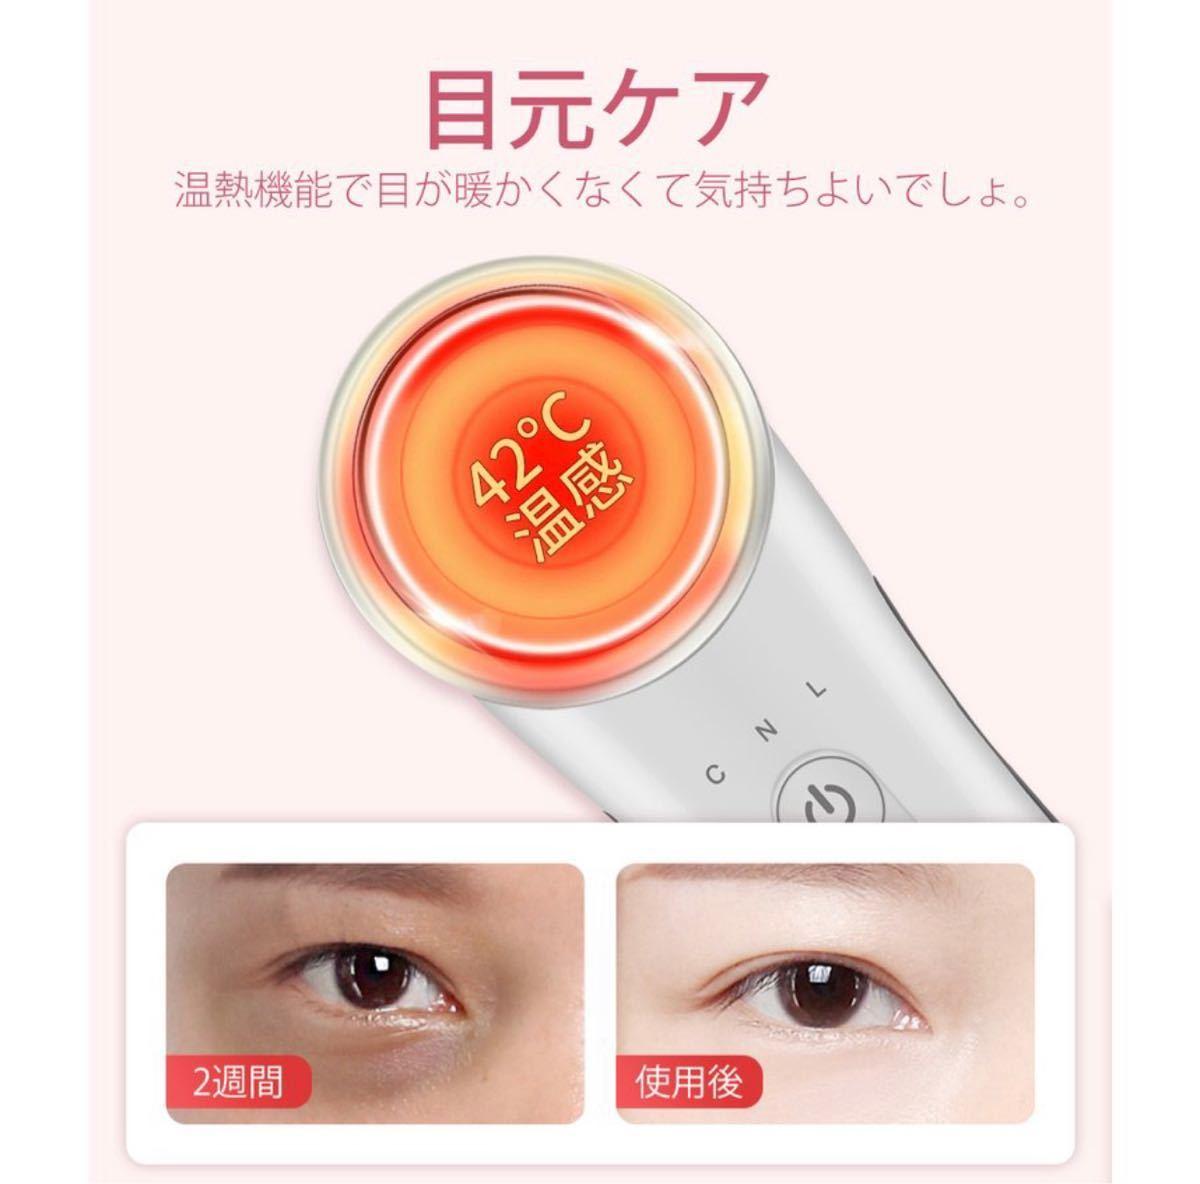 超音波美顔器 多機能美顔器イオン導入 リフトアップ 美ems 微電流 光エステ LED 毛穴汚れとり 角質ケア 毛穴の黒ずみ